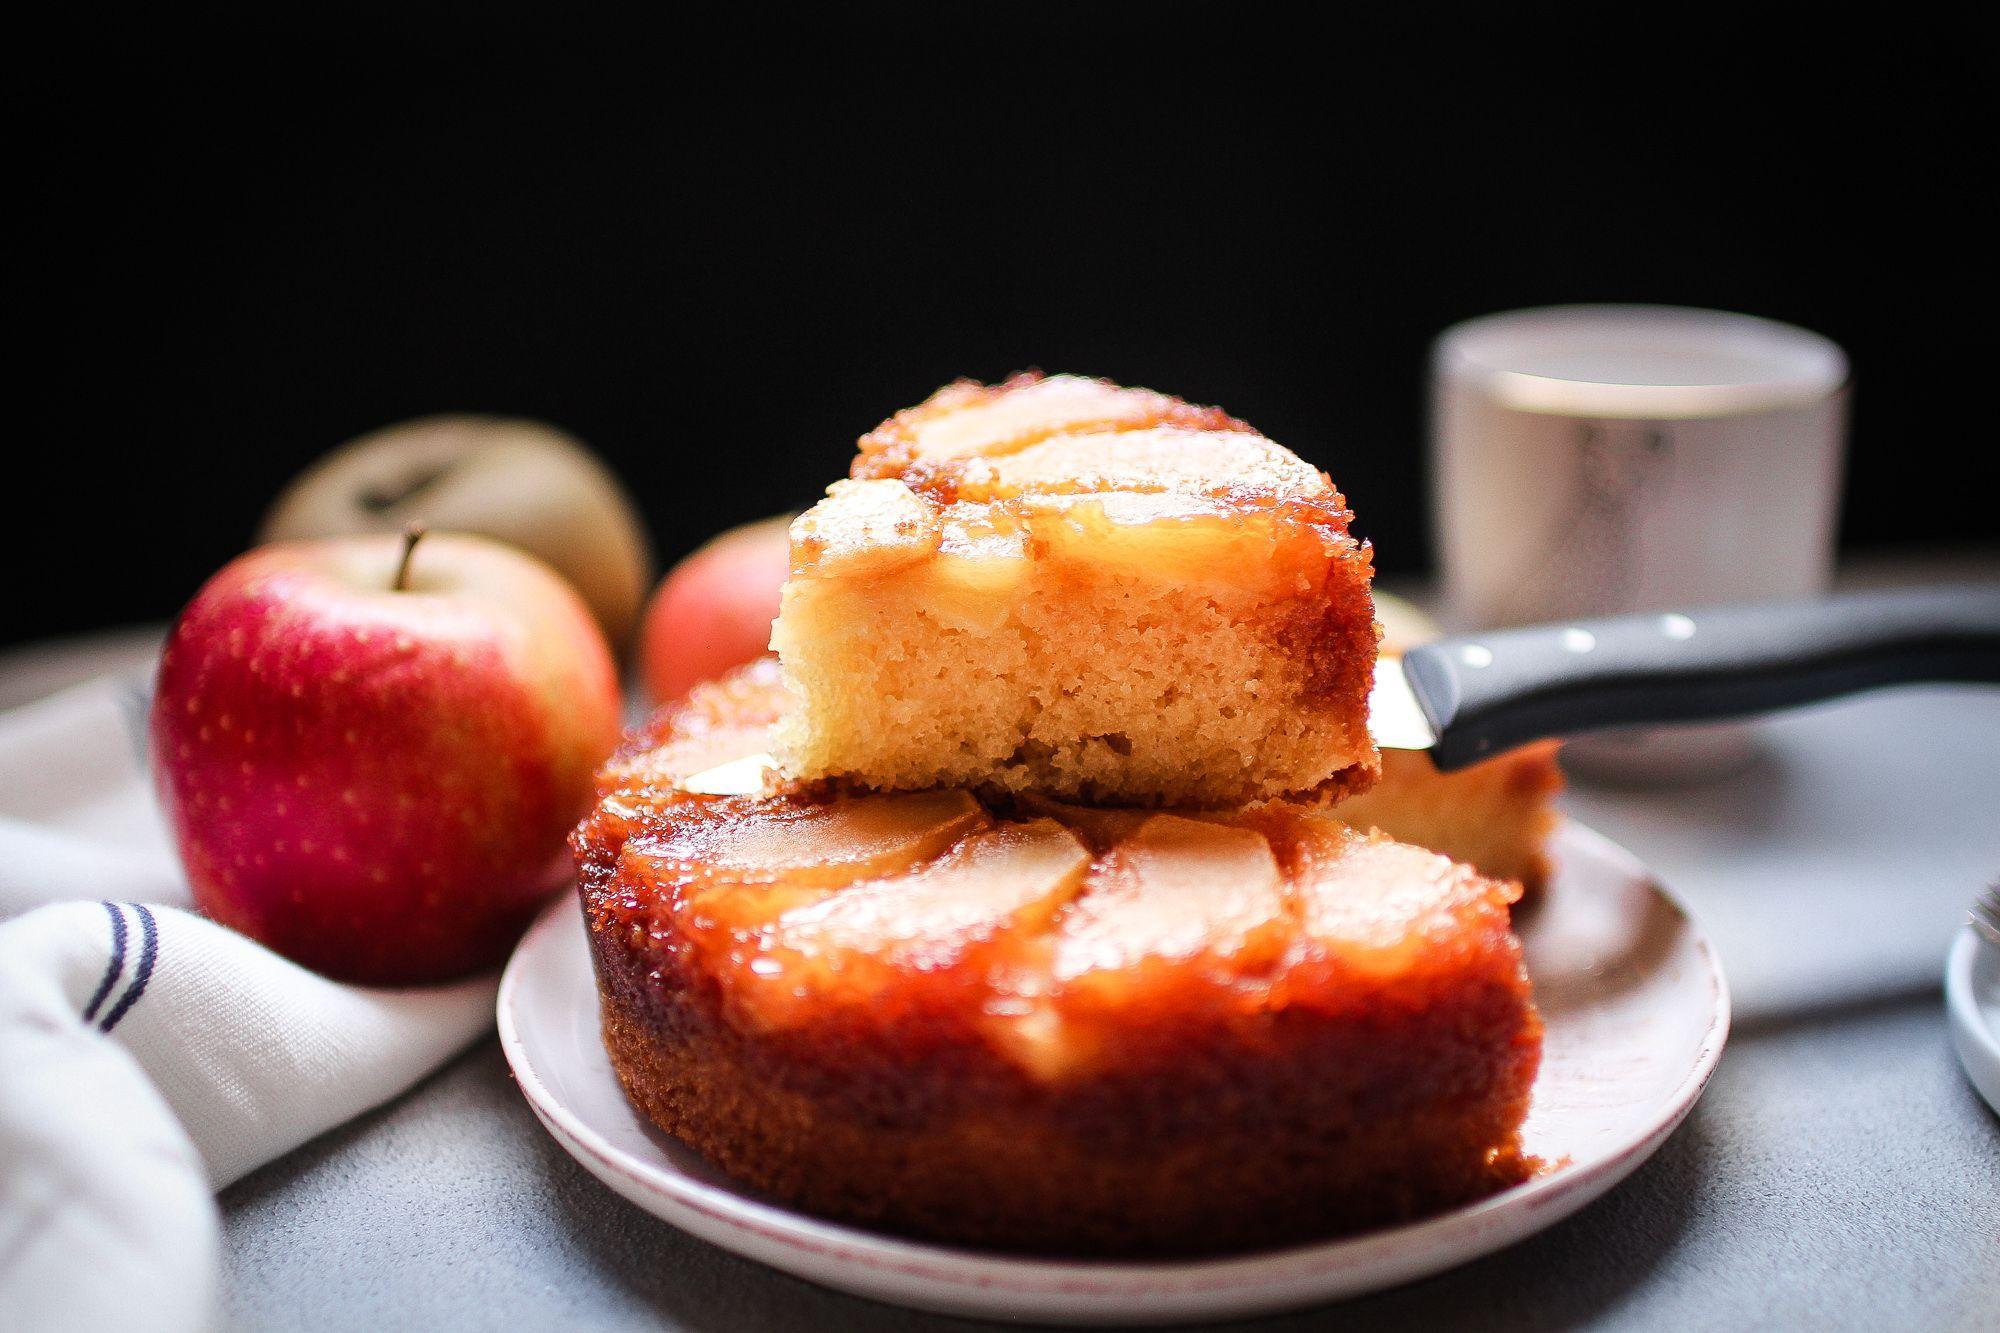 Quatre quart aux pommes caramélisées de Christophe Felder #quatrequart Quatre quart aux pommes de Christophe Felder | Royal Chill - blog cuisine, voyage et photographie #quatrequart